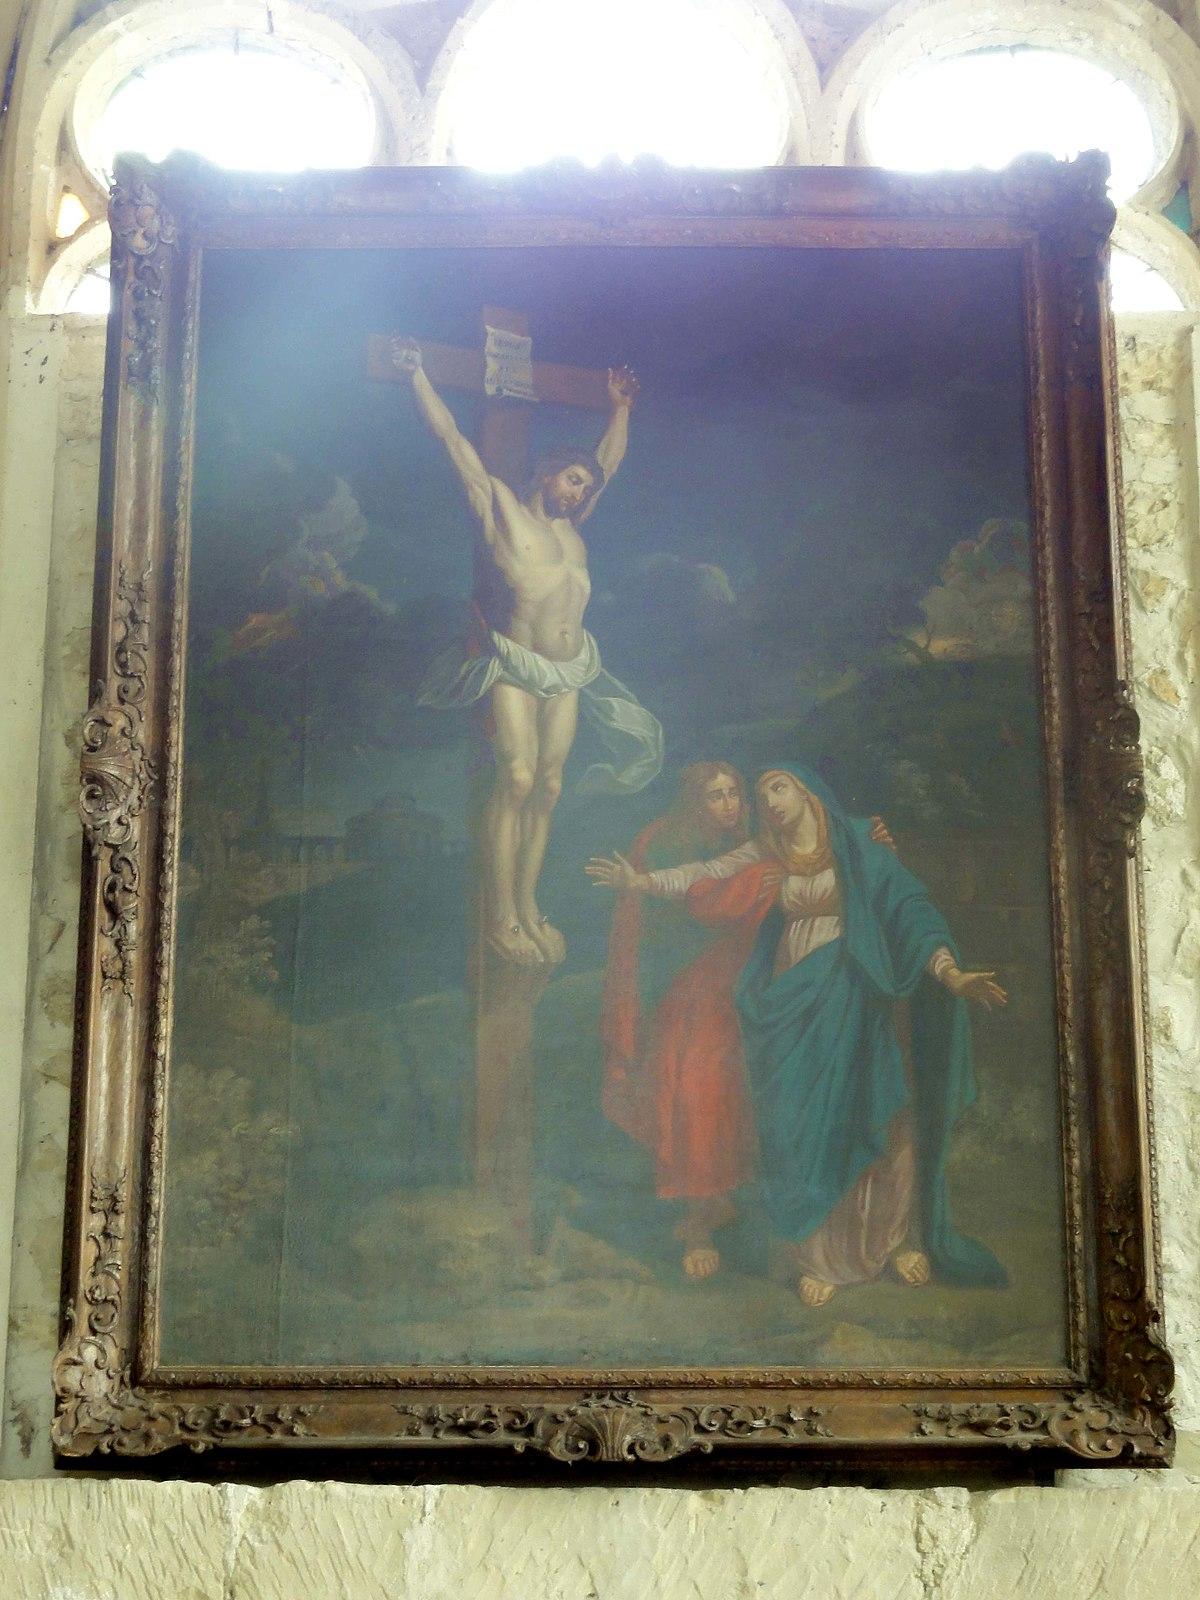 Fichier:Guiry-en-Vexin (95), église Saint-Nicolas, tableau - Christ en croix.JPG — Wikipédia